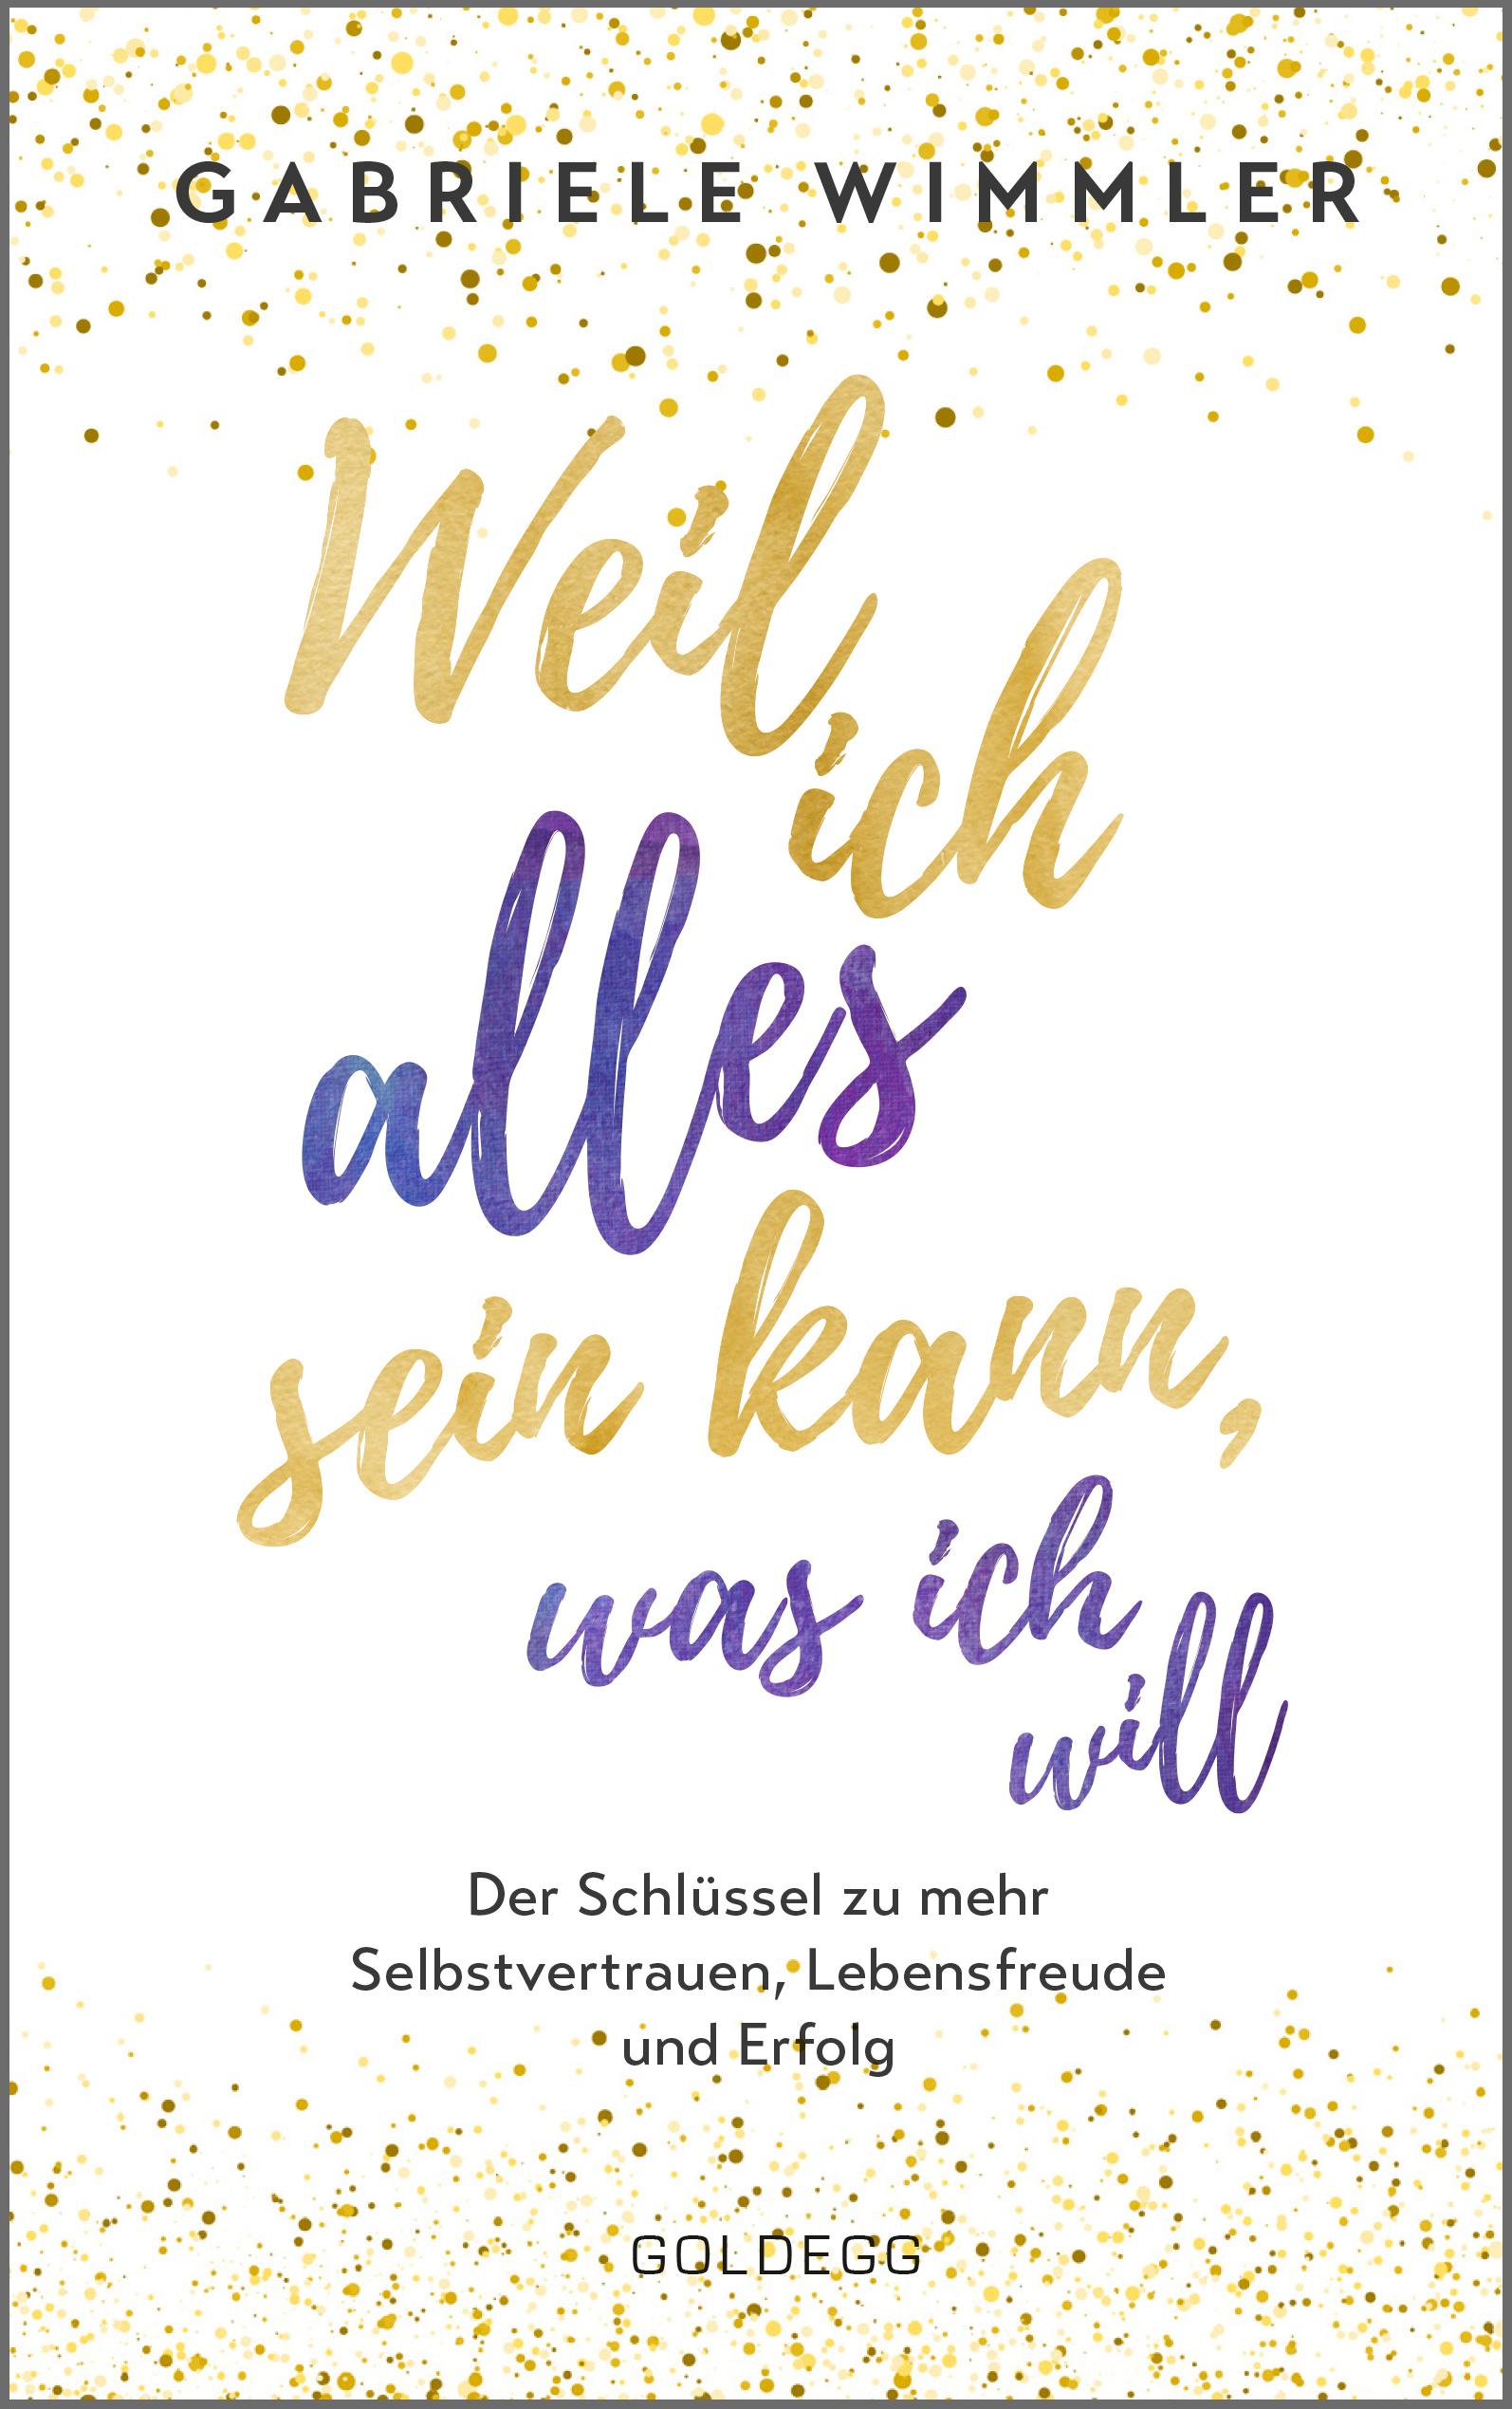 Expert Marketplace -  Gabriele Wimmler  - Weil ich alles sein kann, was ich will